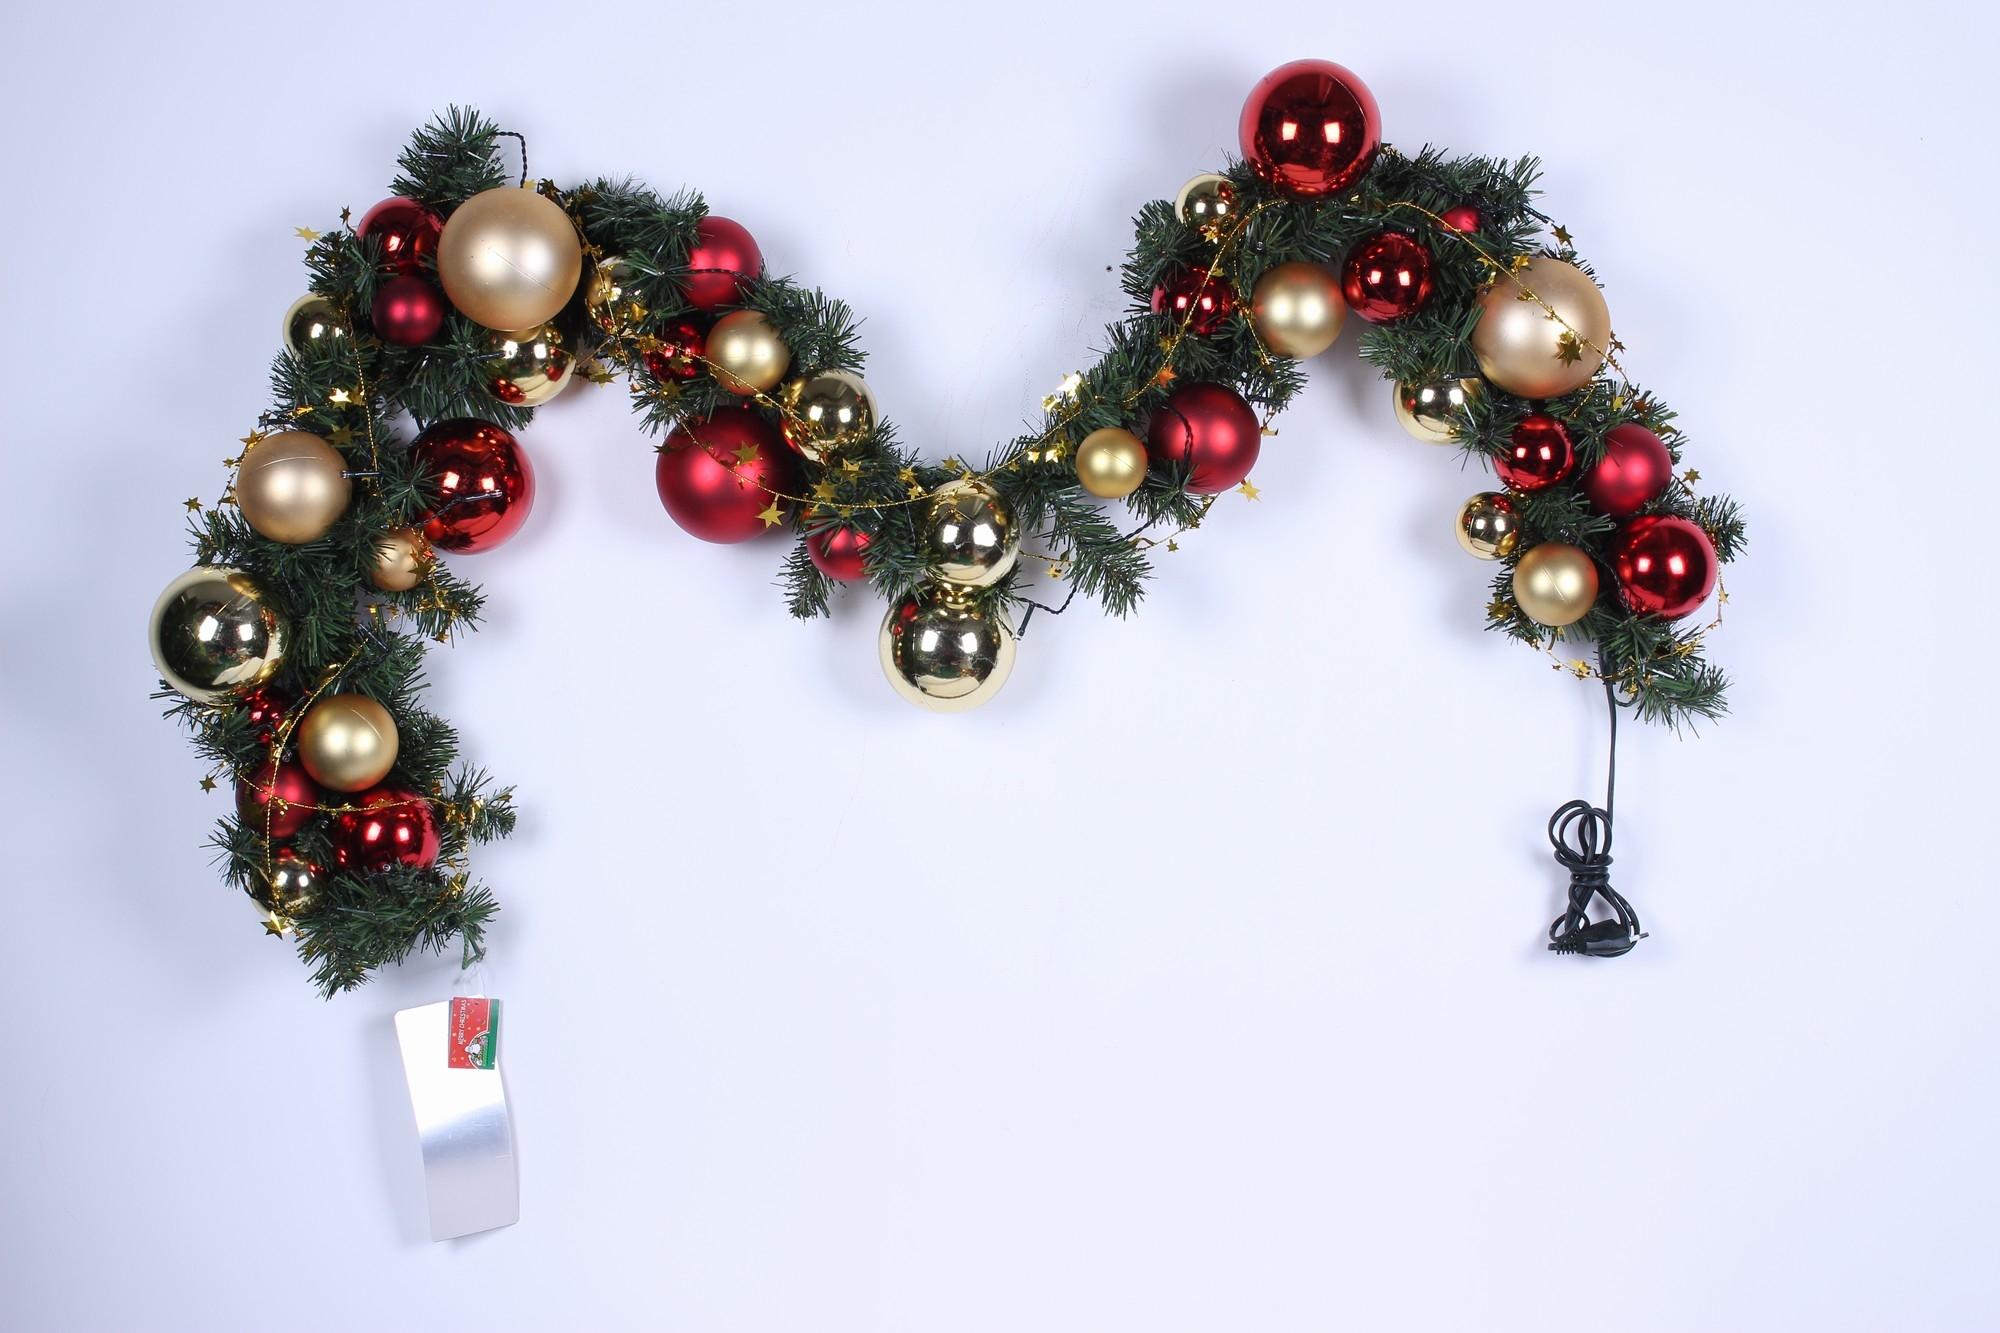 kerst slinger met verlichting versierd kerst slinger met verlichting versierd